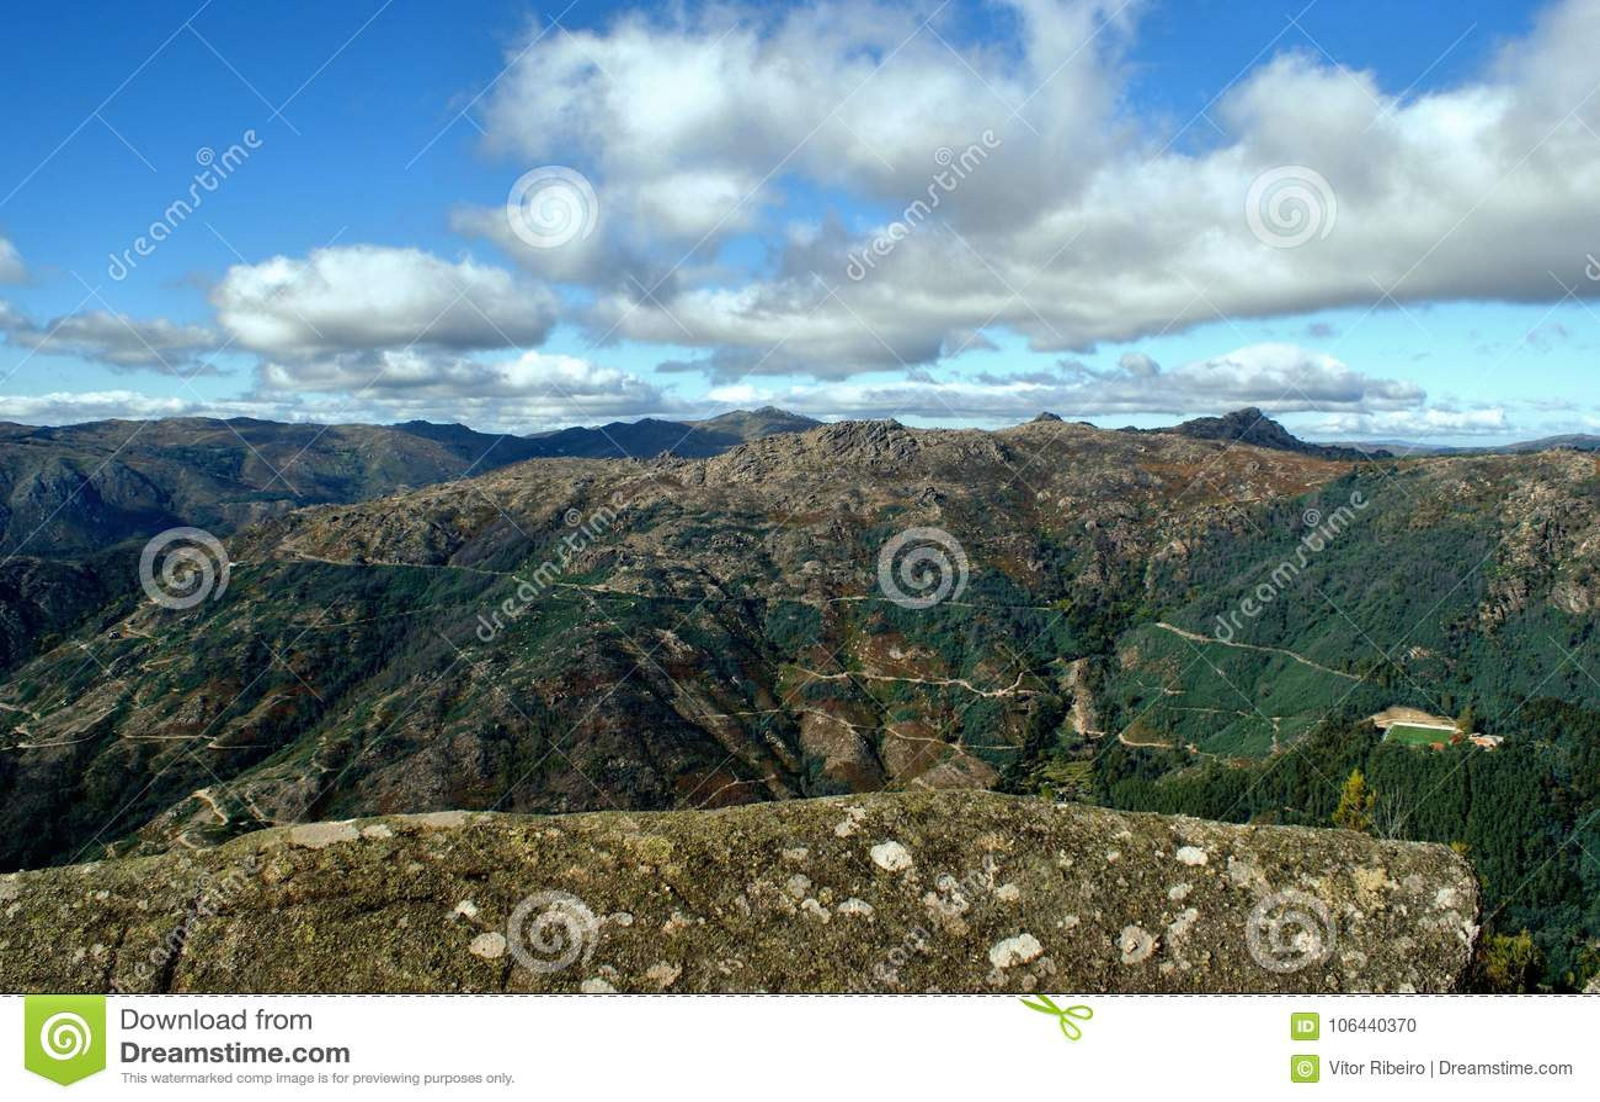 Vue scénique de parc national de Peneda Geres